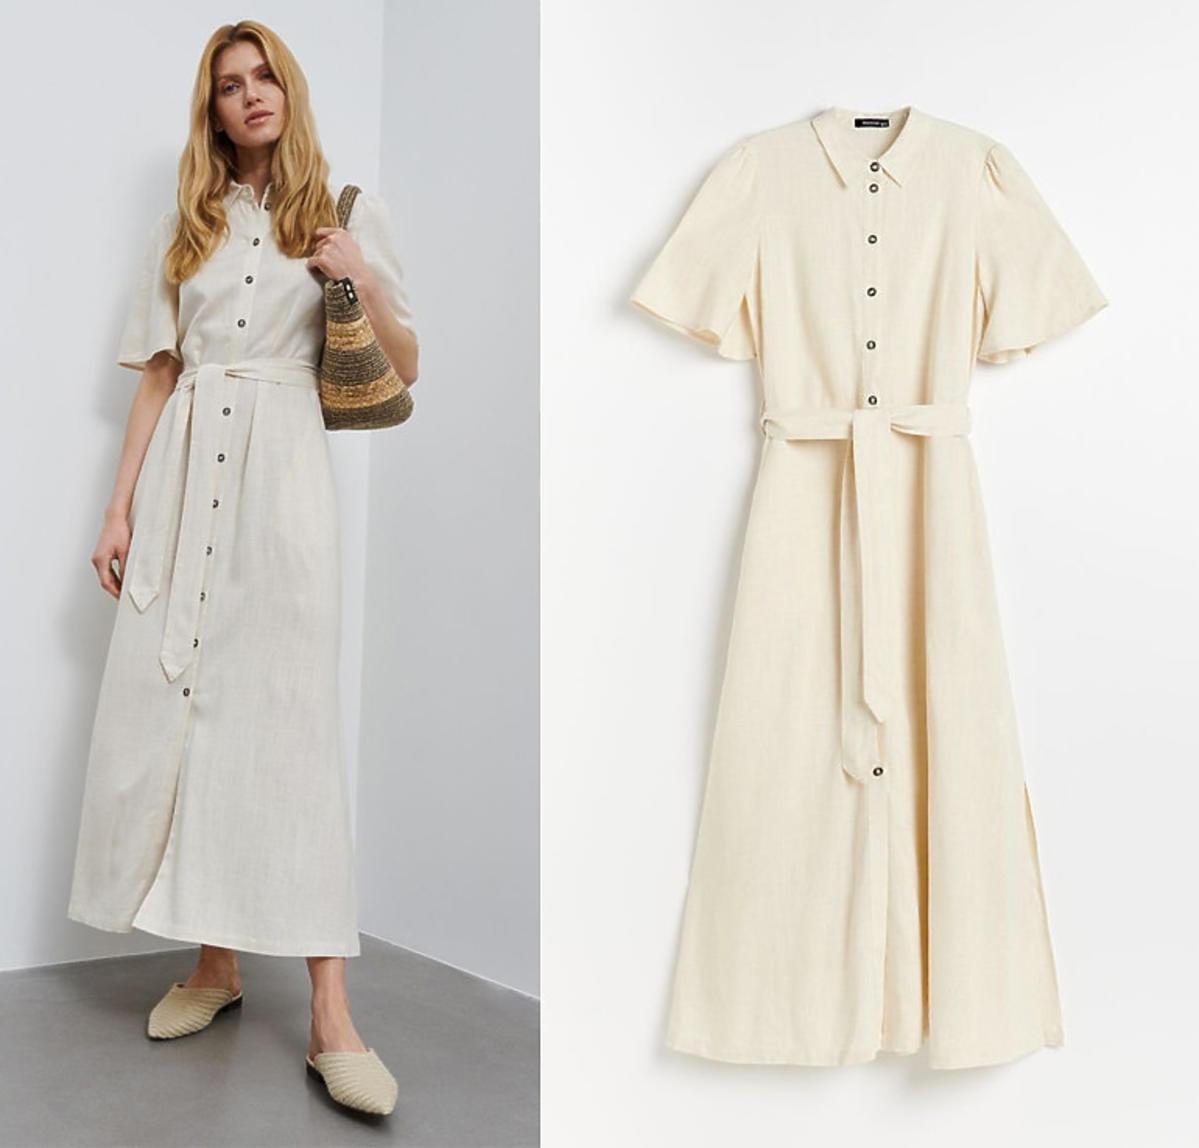 Beżowa sukienka z lnu z Reserved z wyprzedaży, 89,99 zł